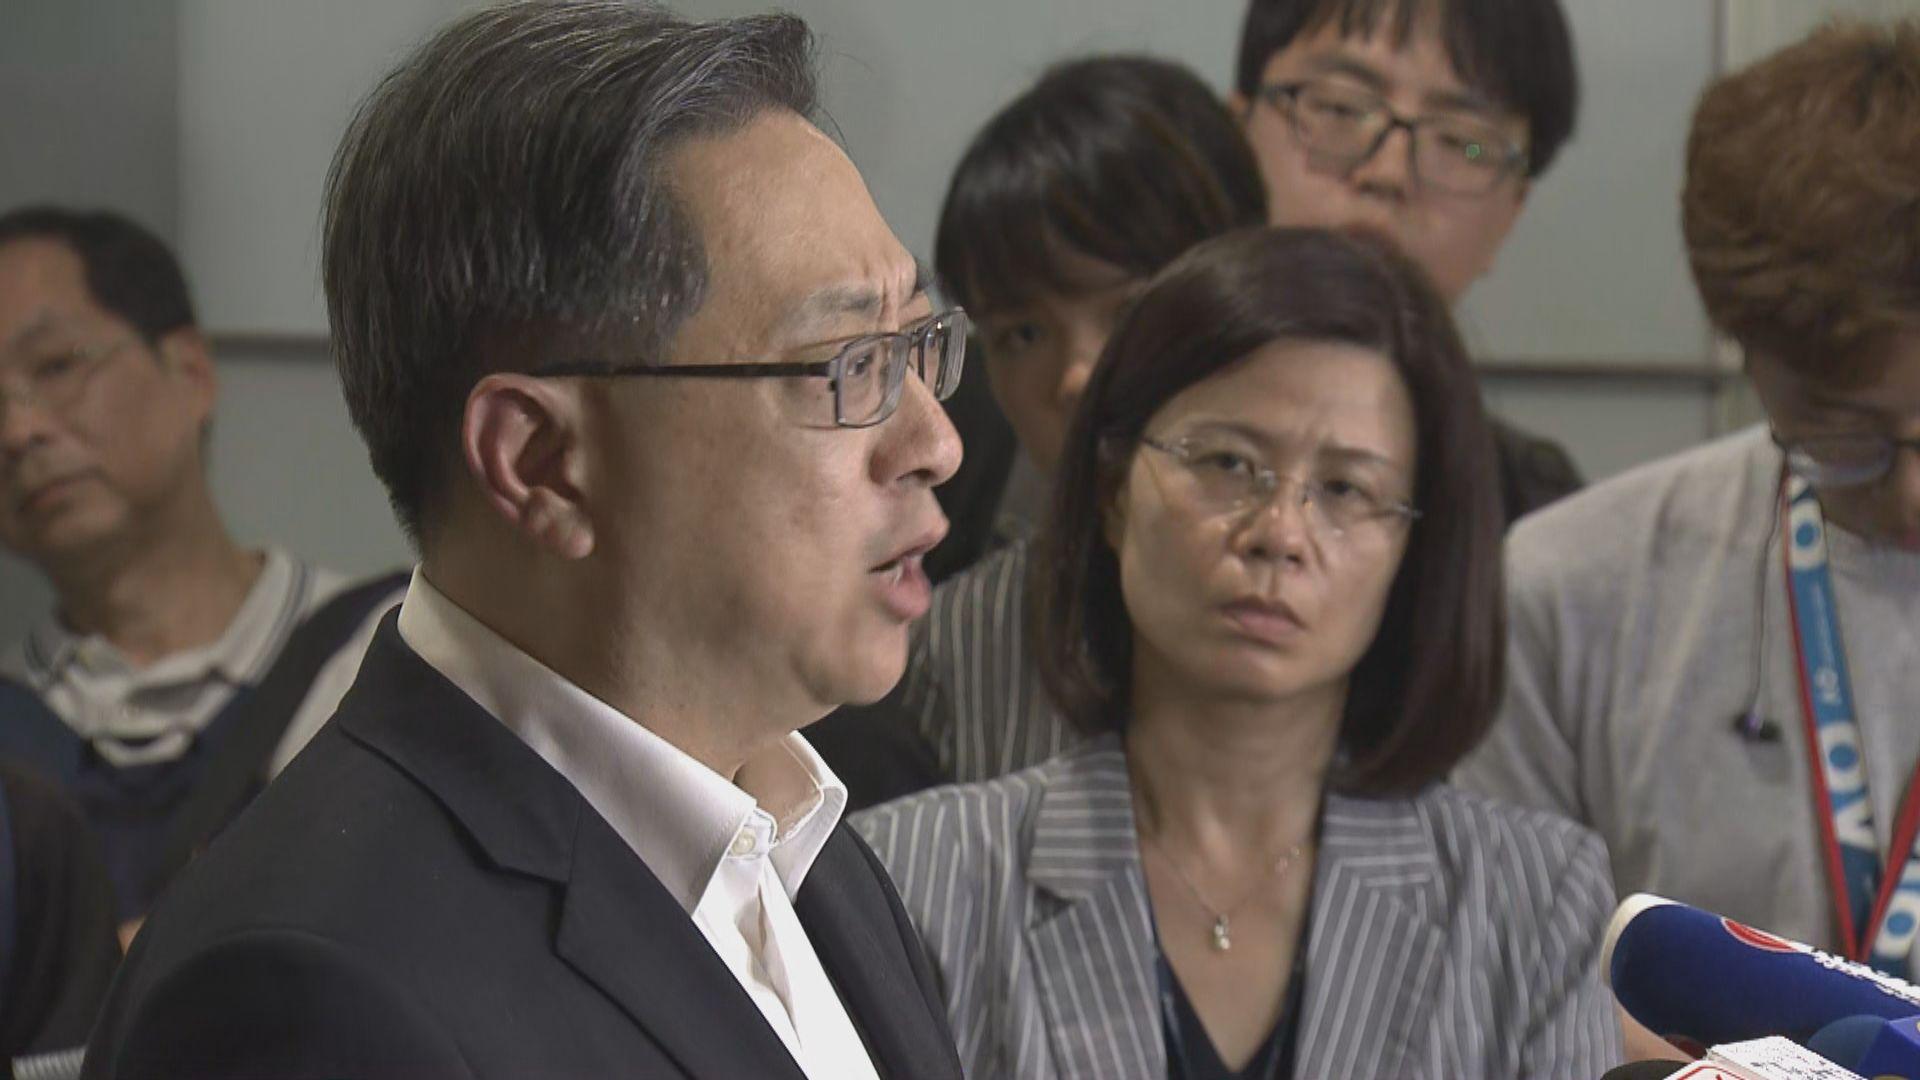 盧偉聰澄清不涉暴力衝擊不干犯暴動罪